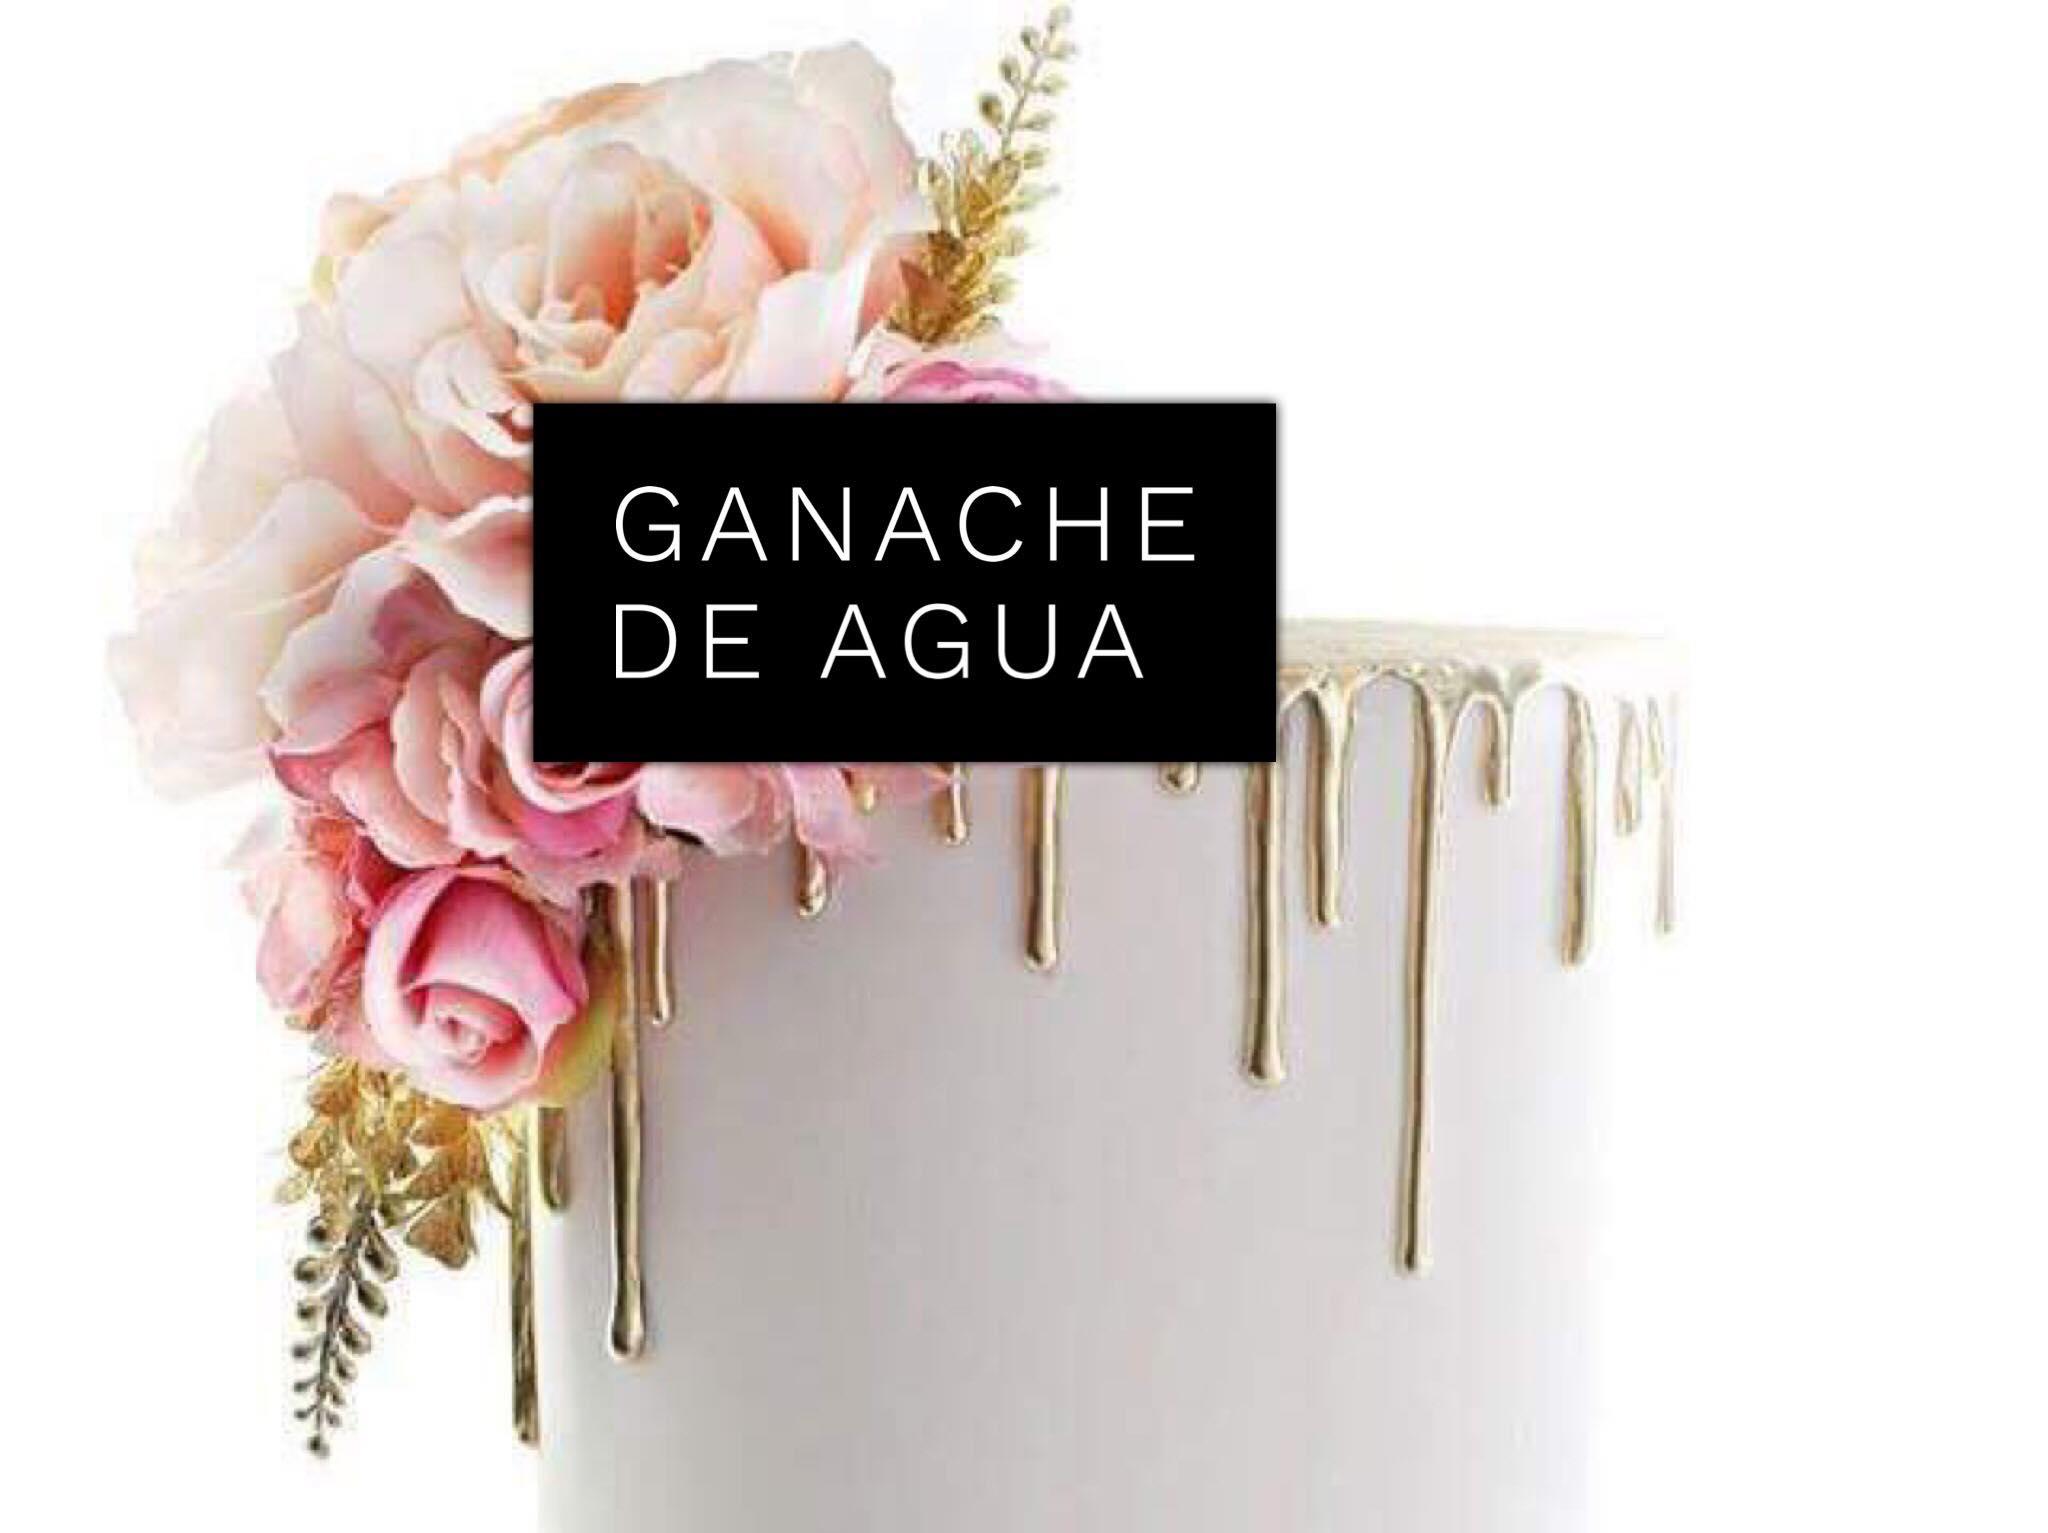 RECETA: CÓMO HACER EL GANACHE DE AGUA O GANACHE VEGANO